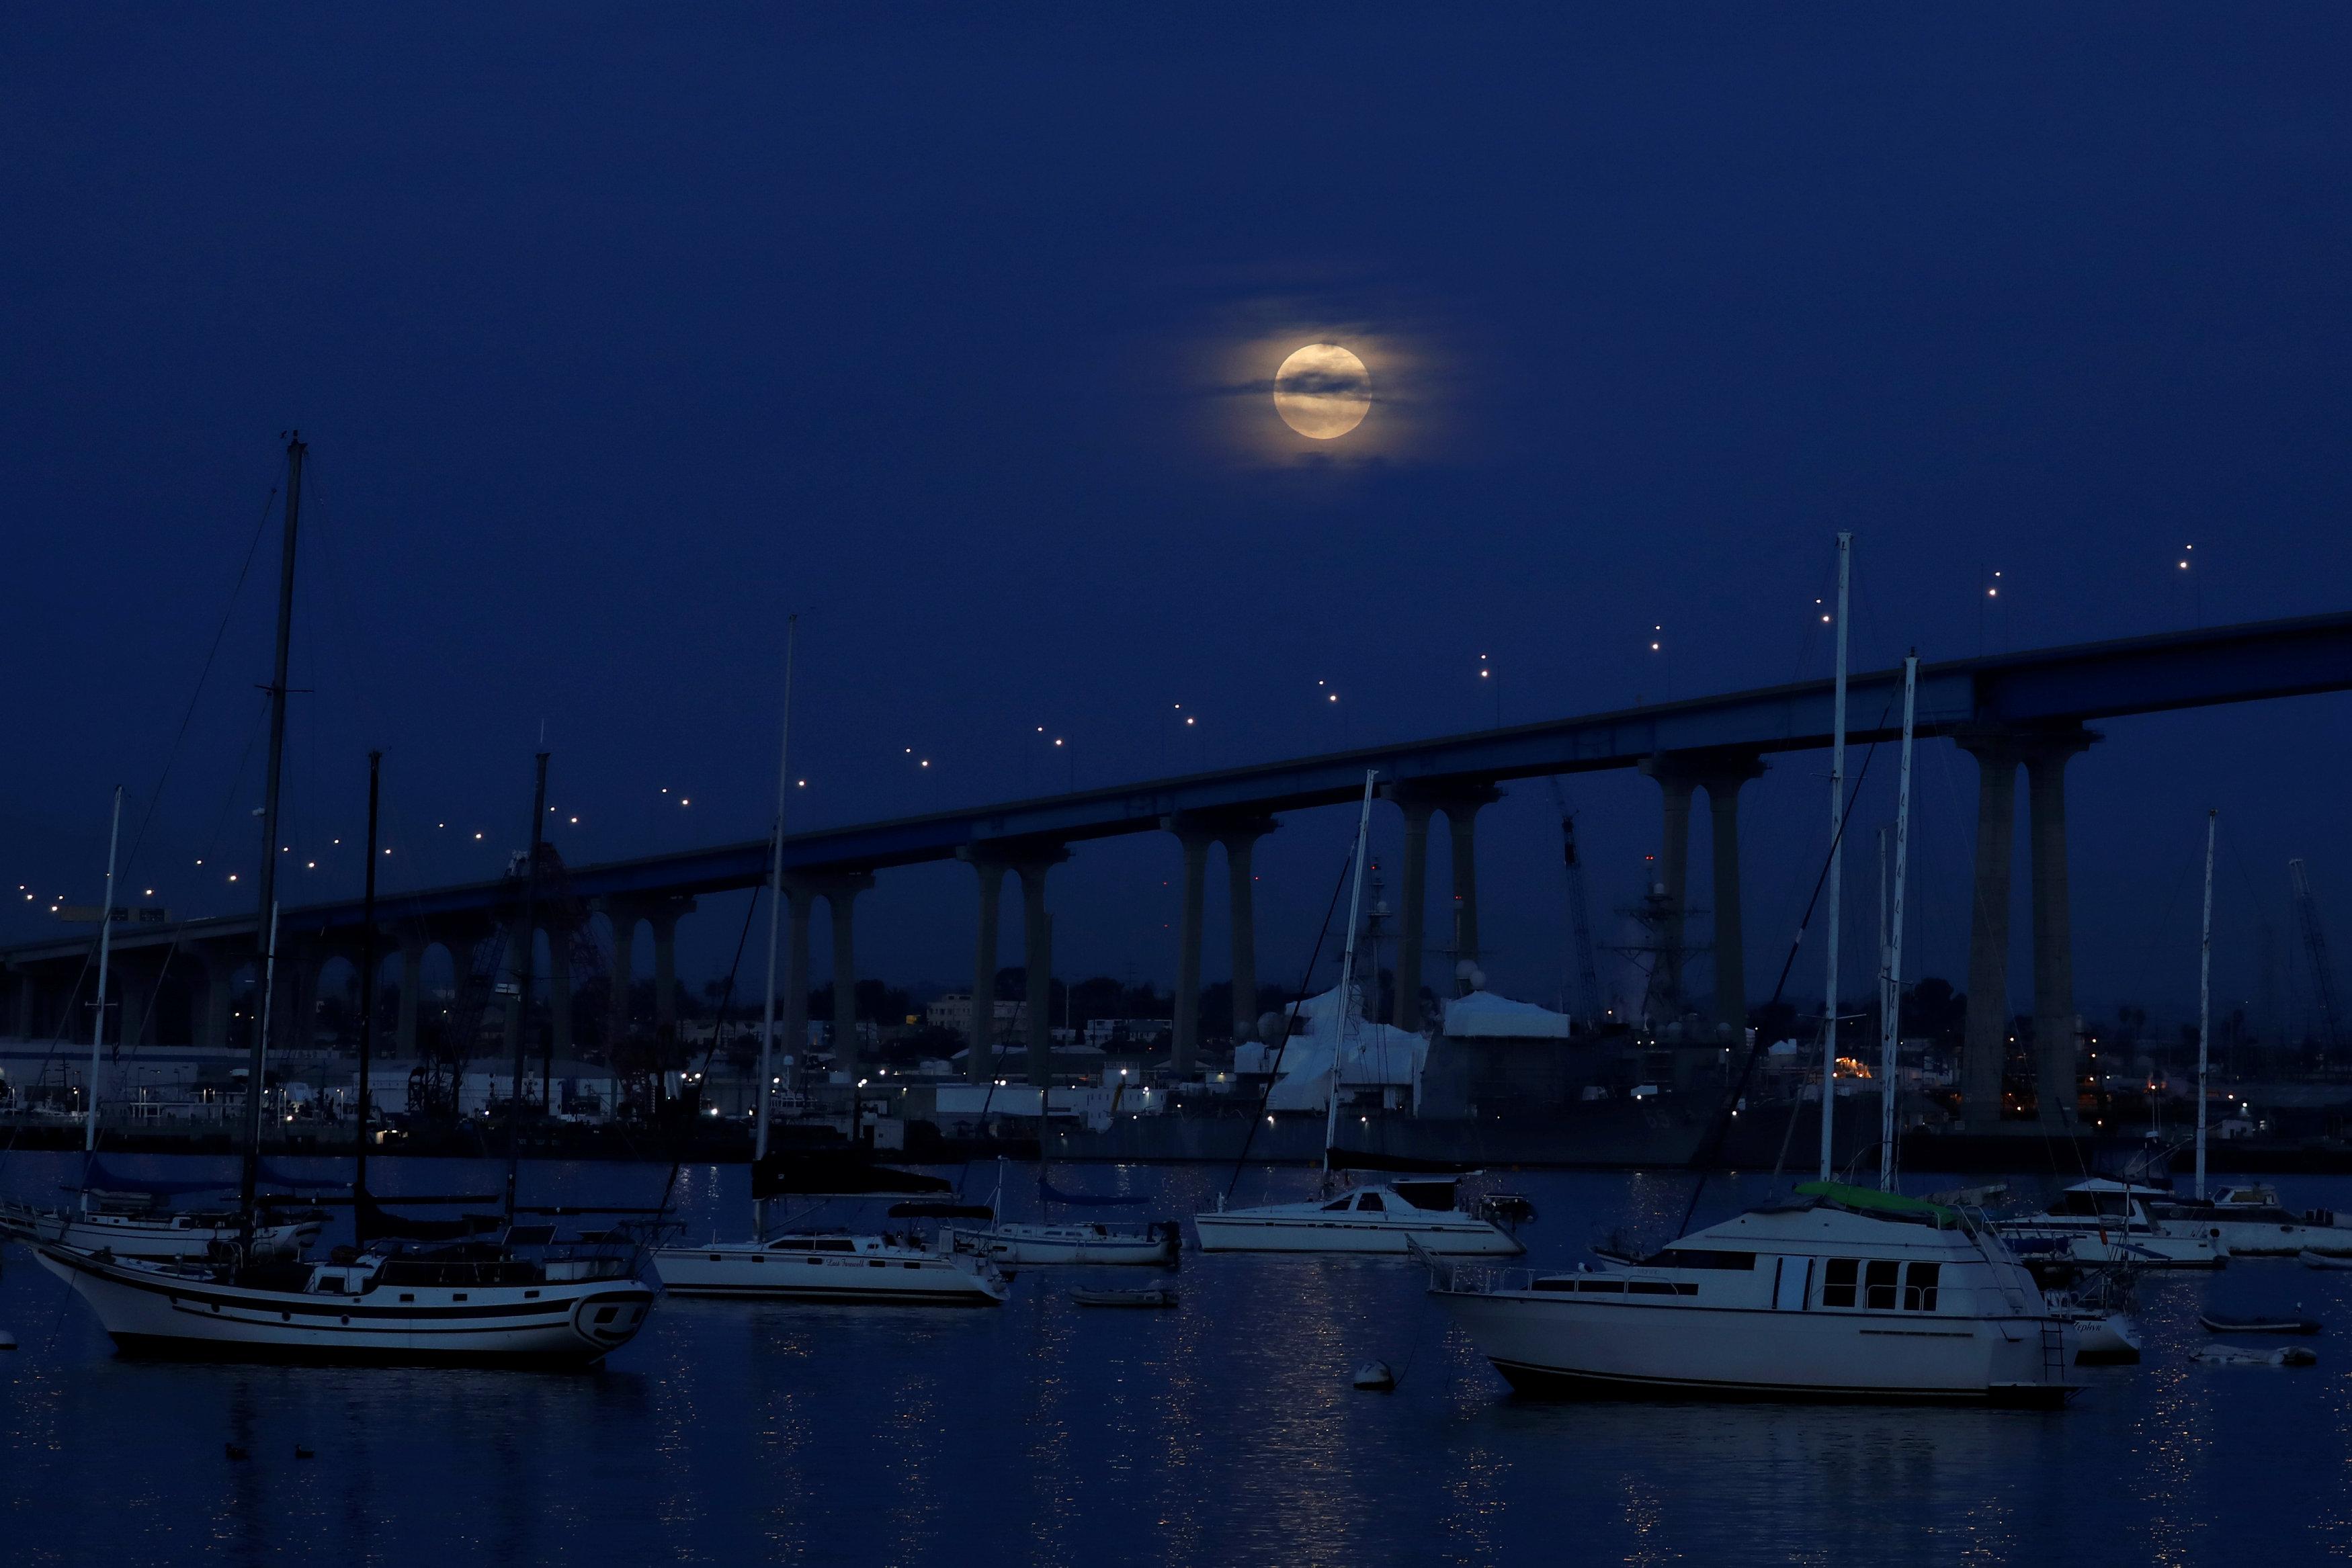 La luna sobre el puente Coronado Bridgeantes del comienzo del eclipse en San Diego, California (REUTERS/Mike Blake)